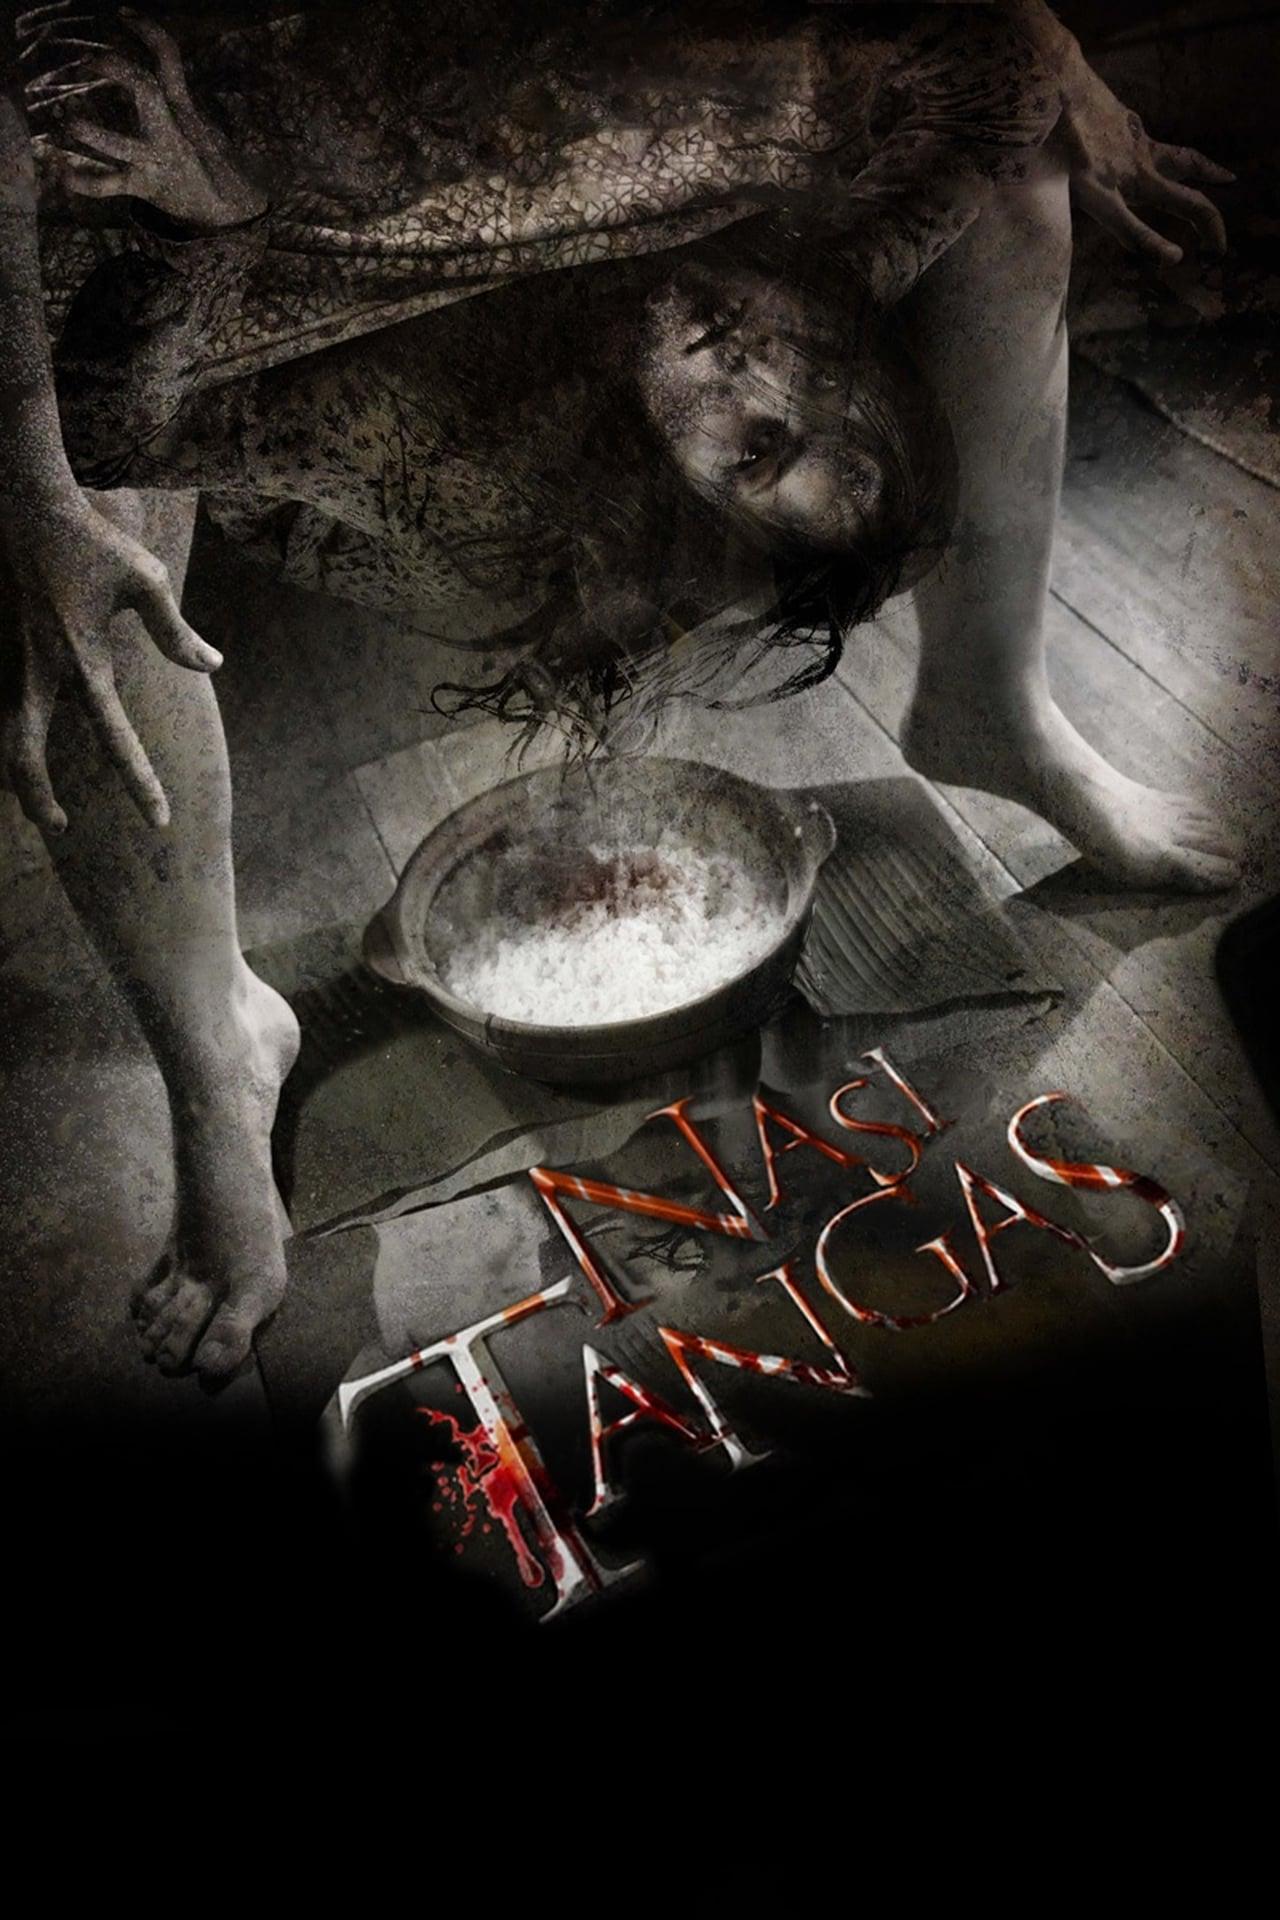 Nasi Tangas